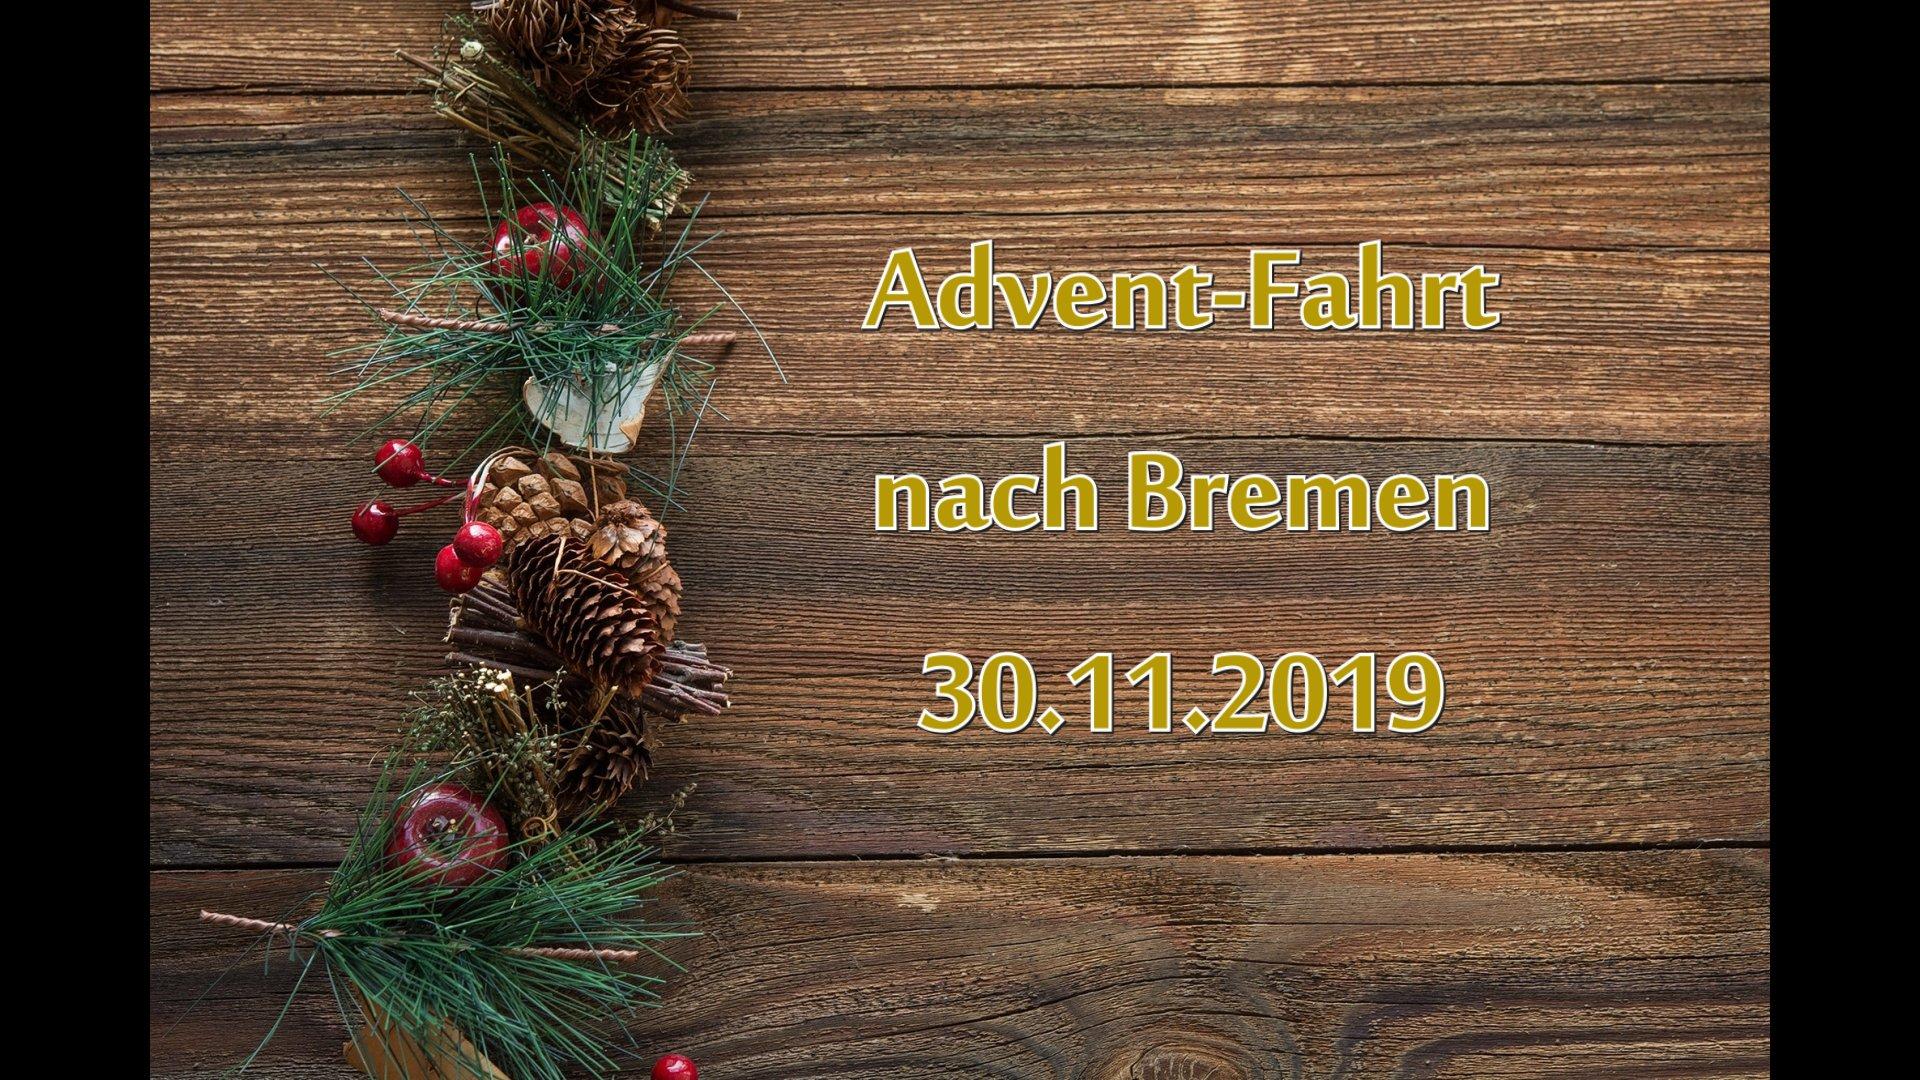 Adventsfahrt 30.11.2019 nach Bremen